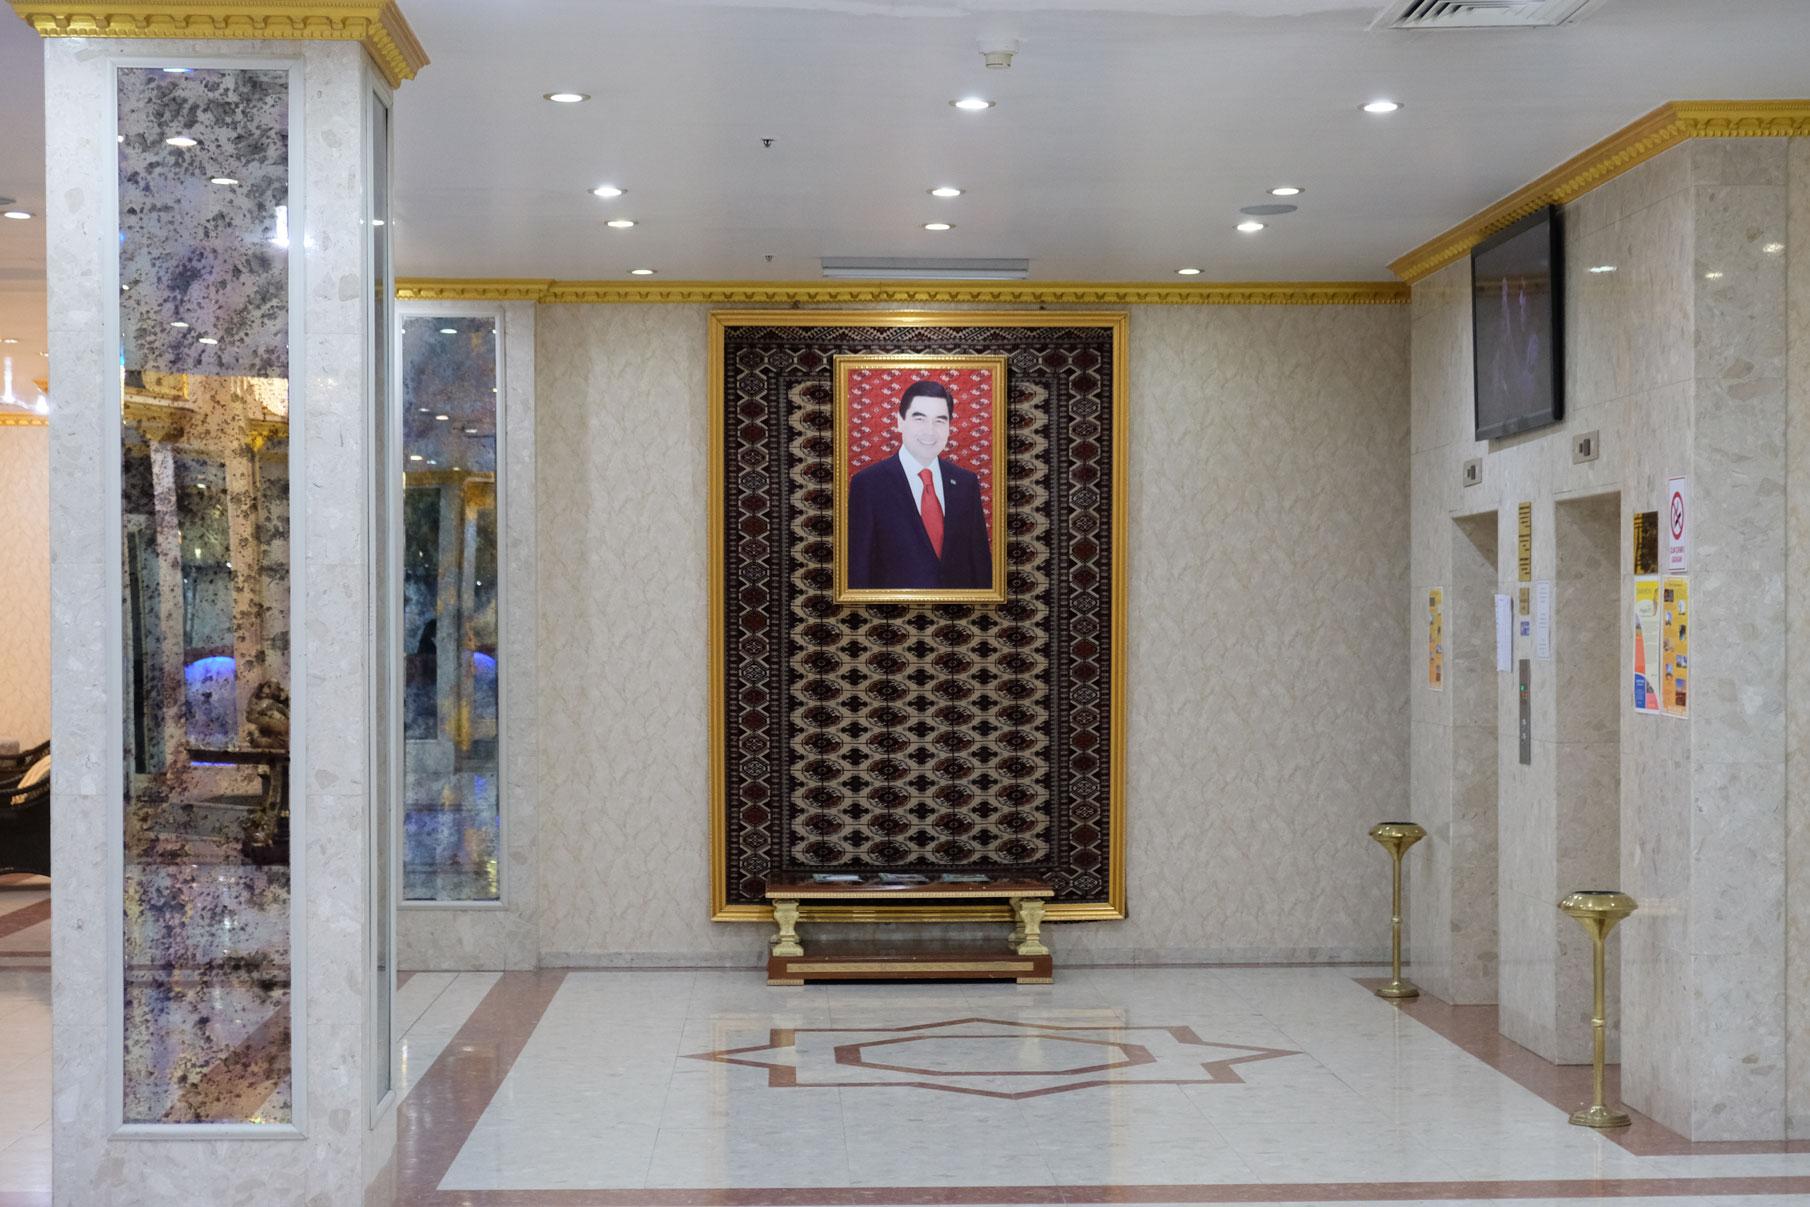 Kleiner Gegensatz... Im neuen Hotel lächelt uns der Präsident wohlwollend von der Lobbywand aus zu.